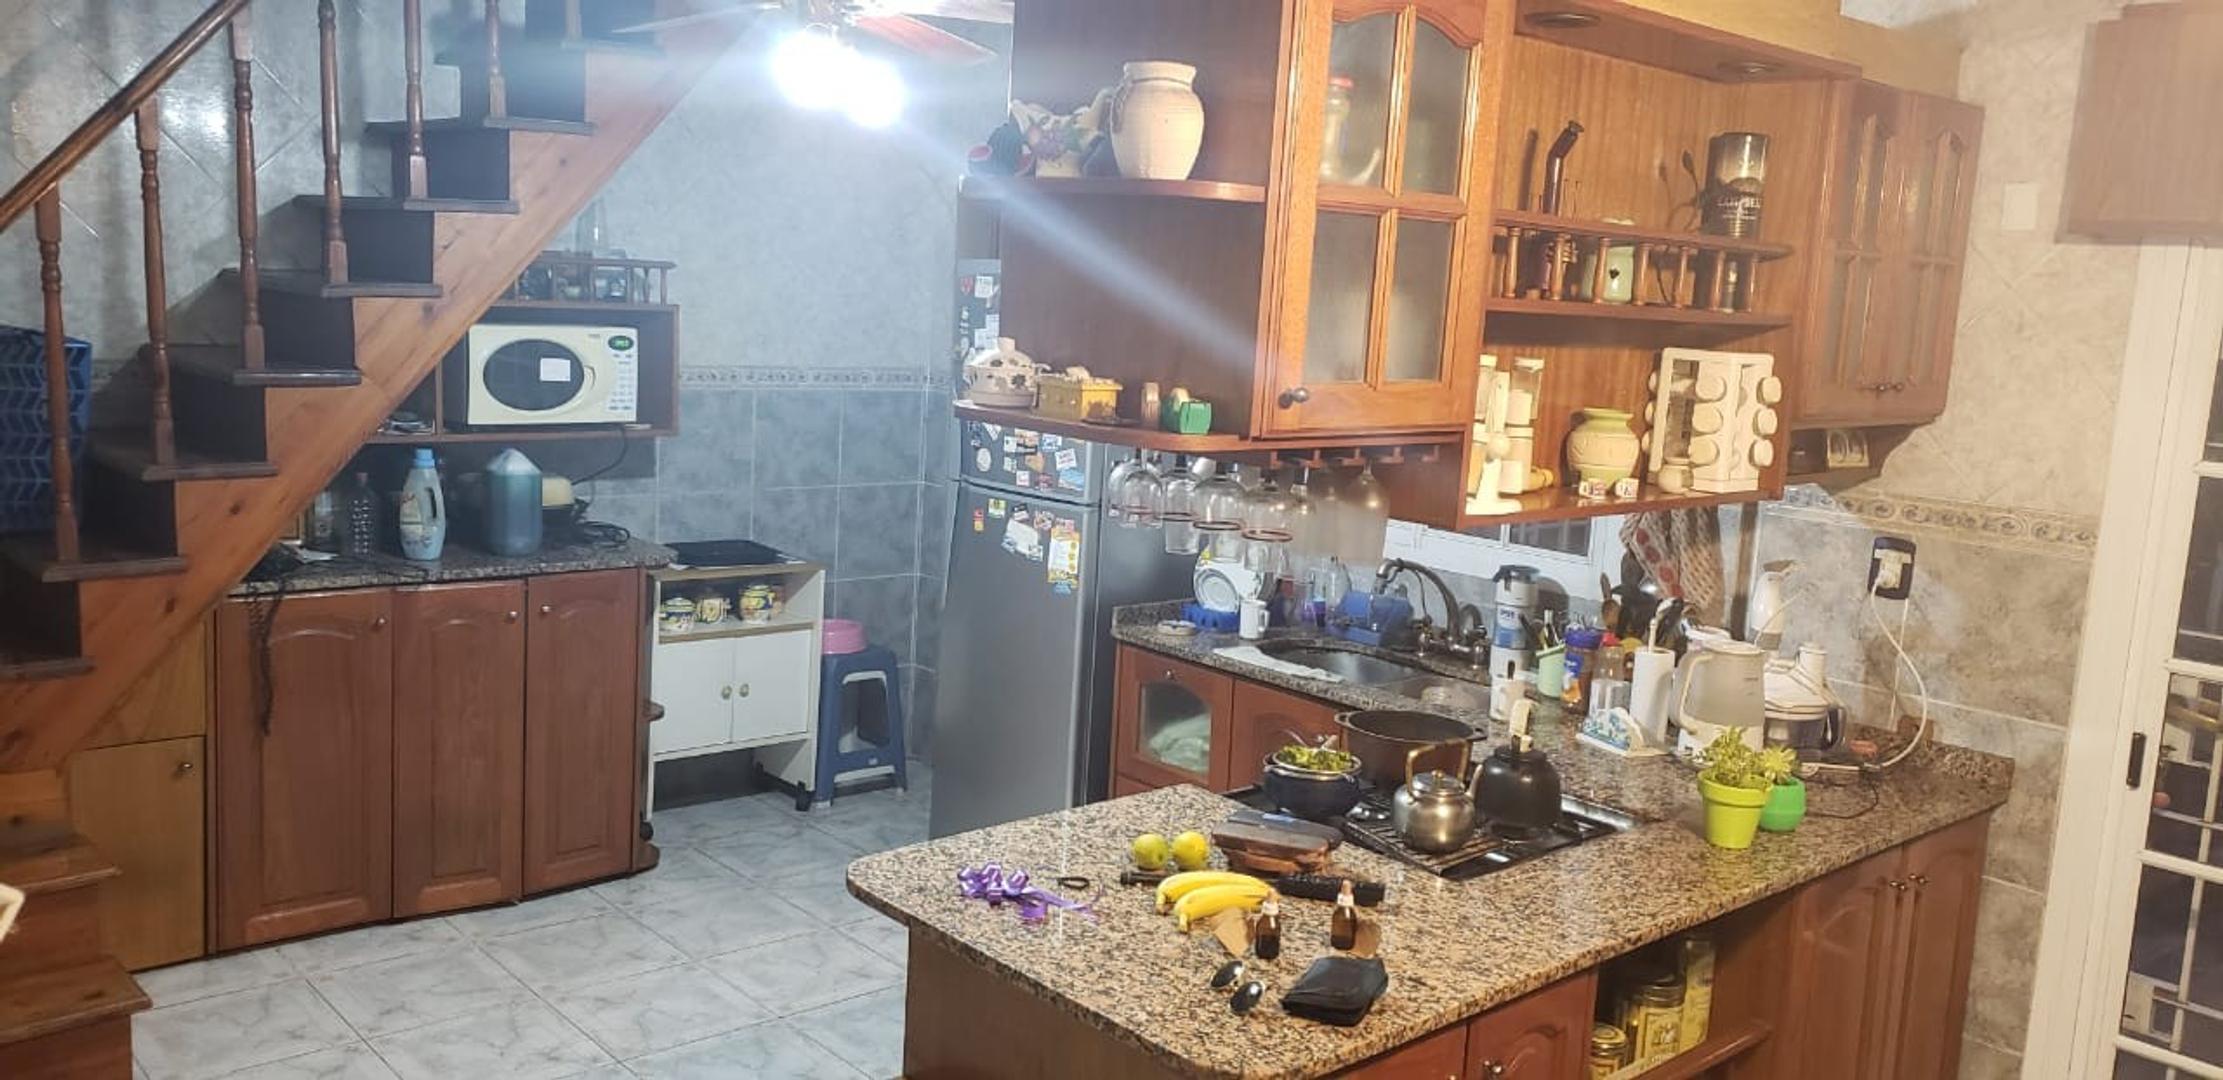 Cacique Namuncura 900 - 5 ambientes con cochera